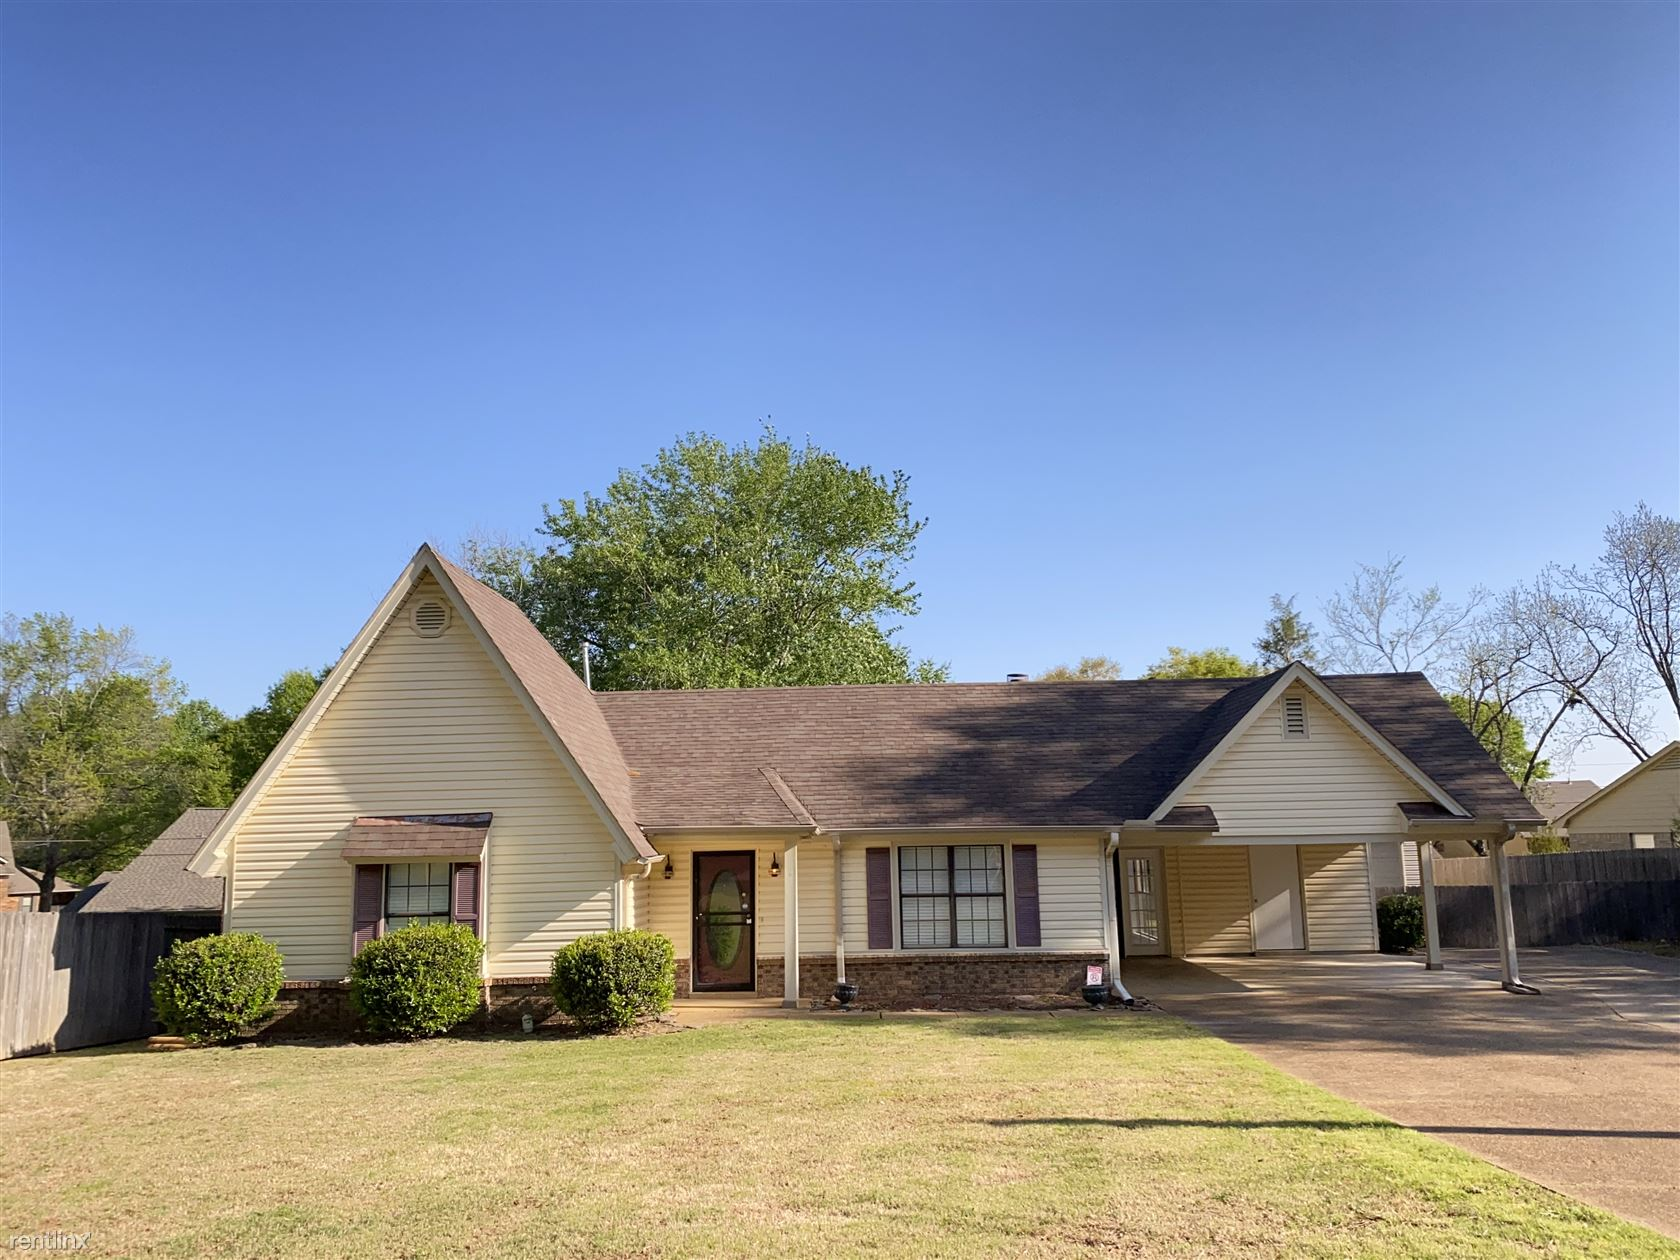 378 Fletcher Rd, Collierville, TN - $1,850 USD/ month